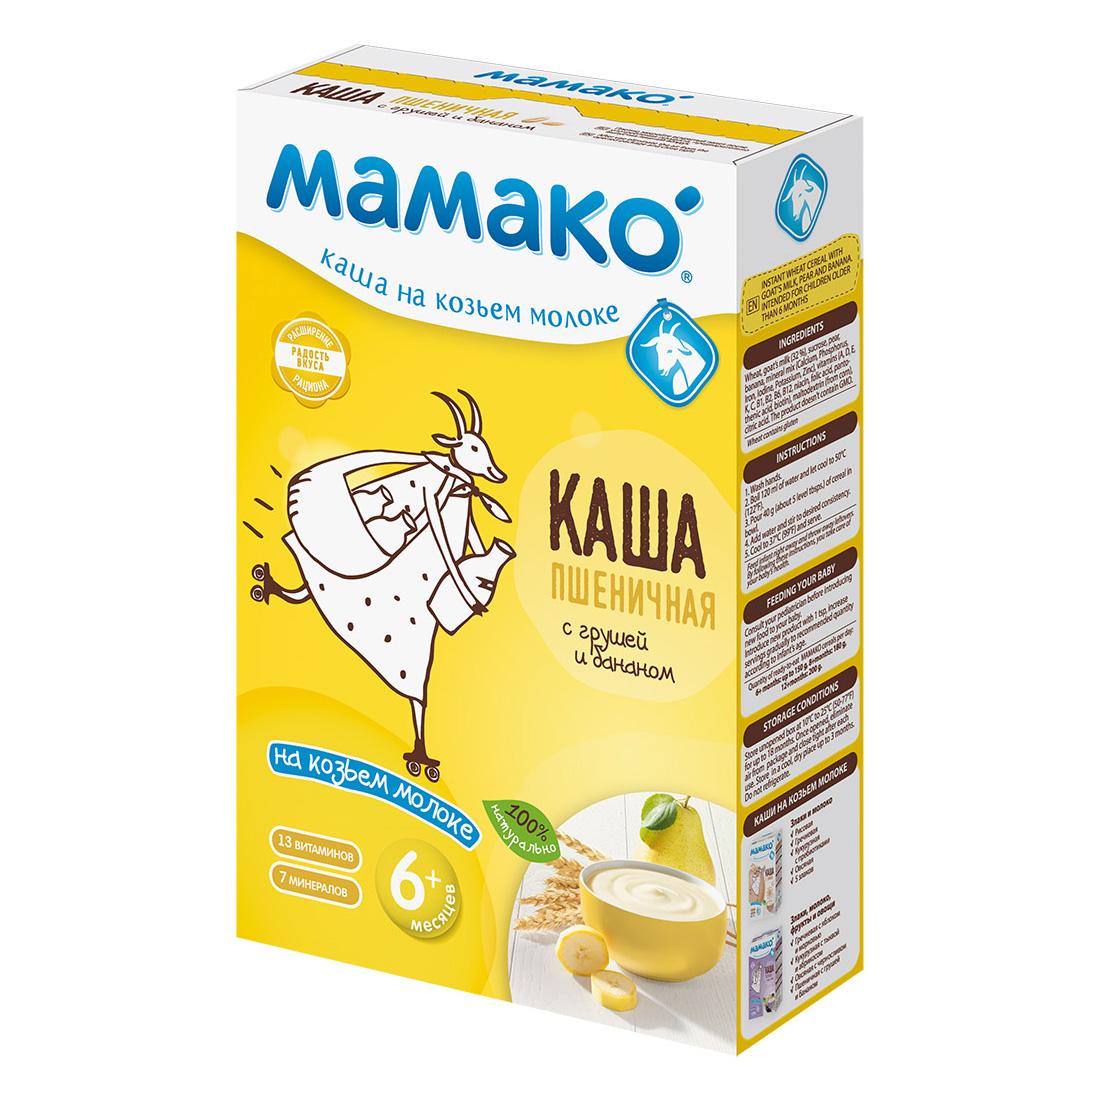 Каша Mamako на козьем молоке 200 гр Пшеничная с грушей и бананом (с 6 мес)<br>